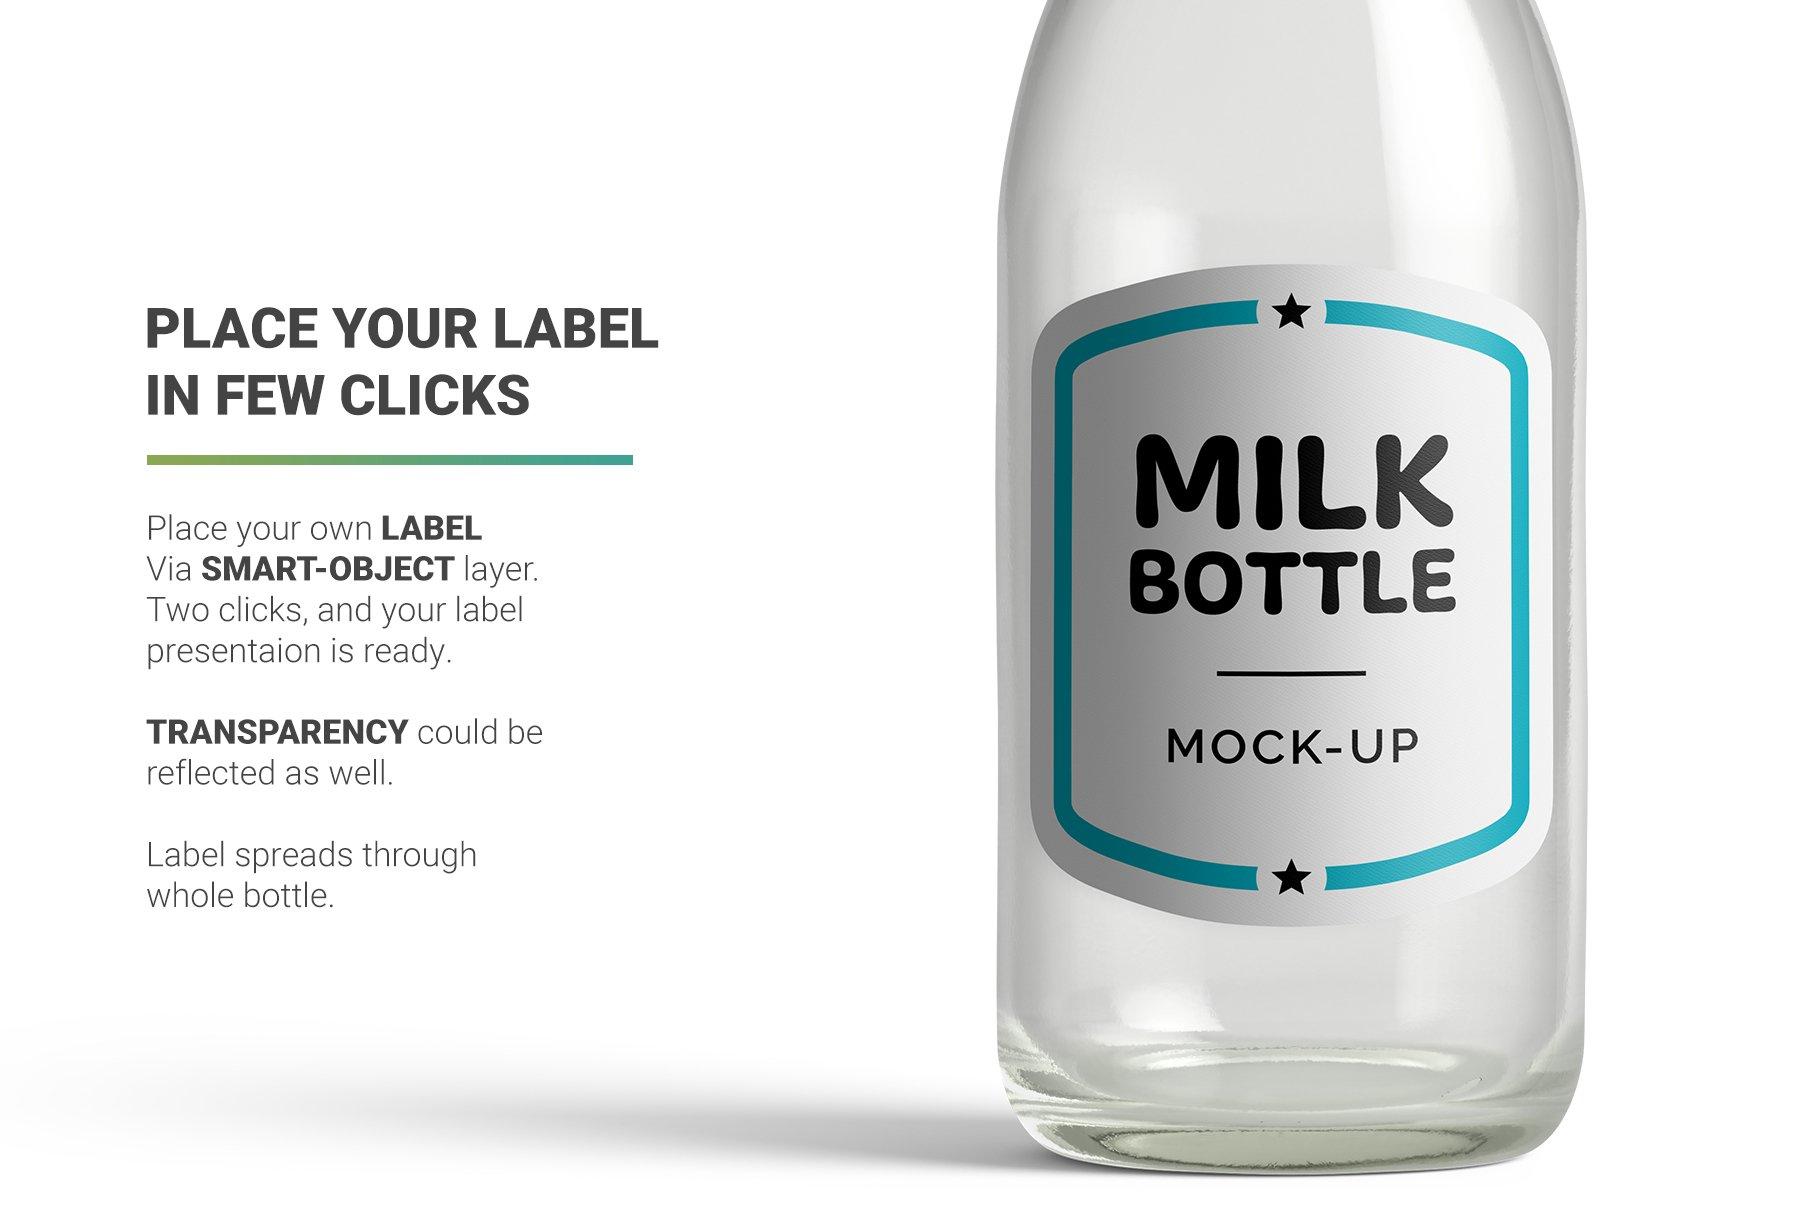 高分辨率鲜奶玻璃瓶设计展示贴图样机 Milk Cocoa Bottle Mockup插图8